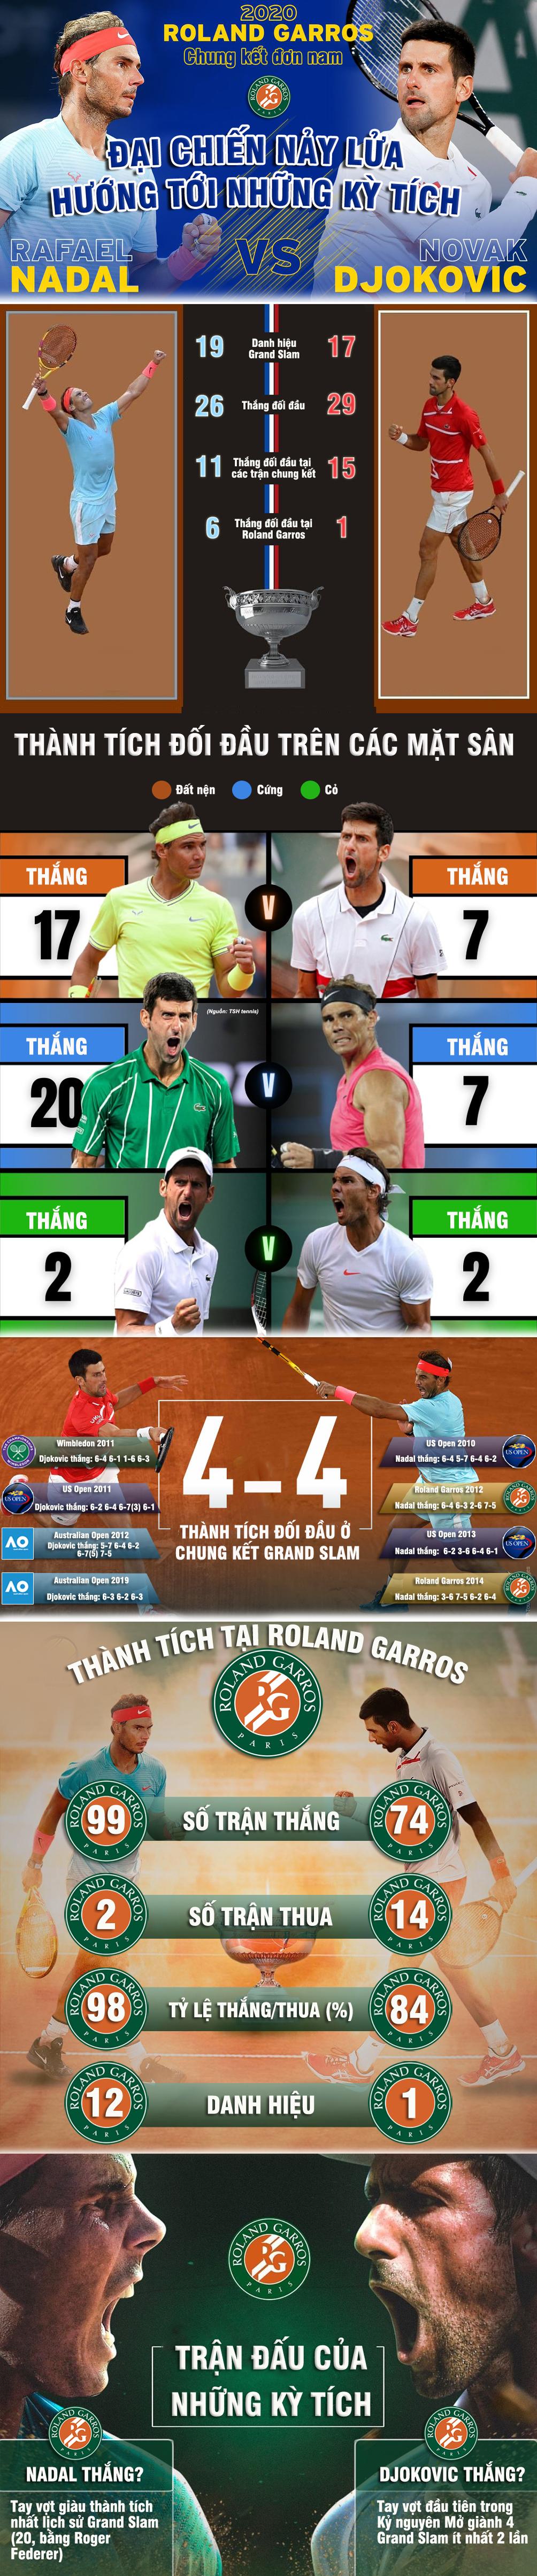 Kinh điển Nadal đấu Djokovic: Đại chiến nảy lửa đua kỳ tích (Chung kết Roland Garros) - 1